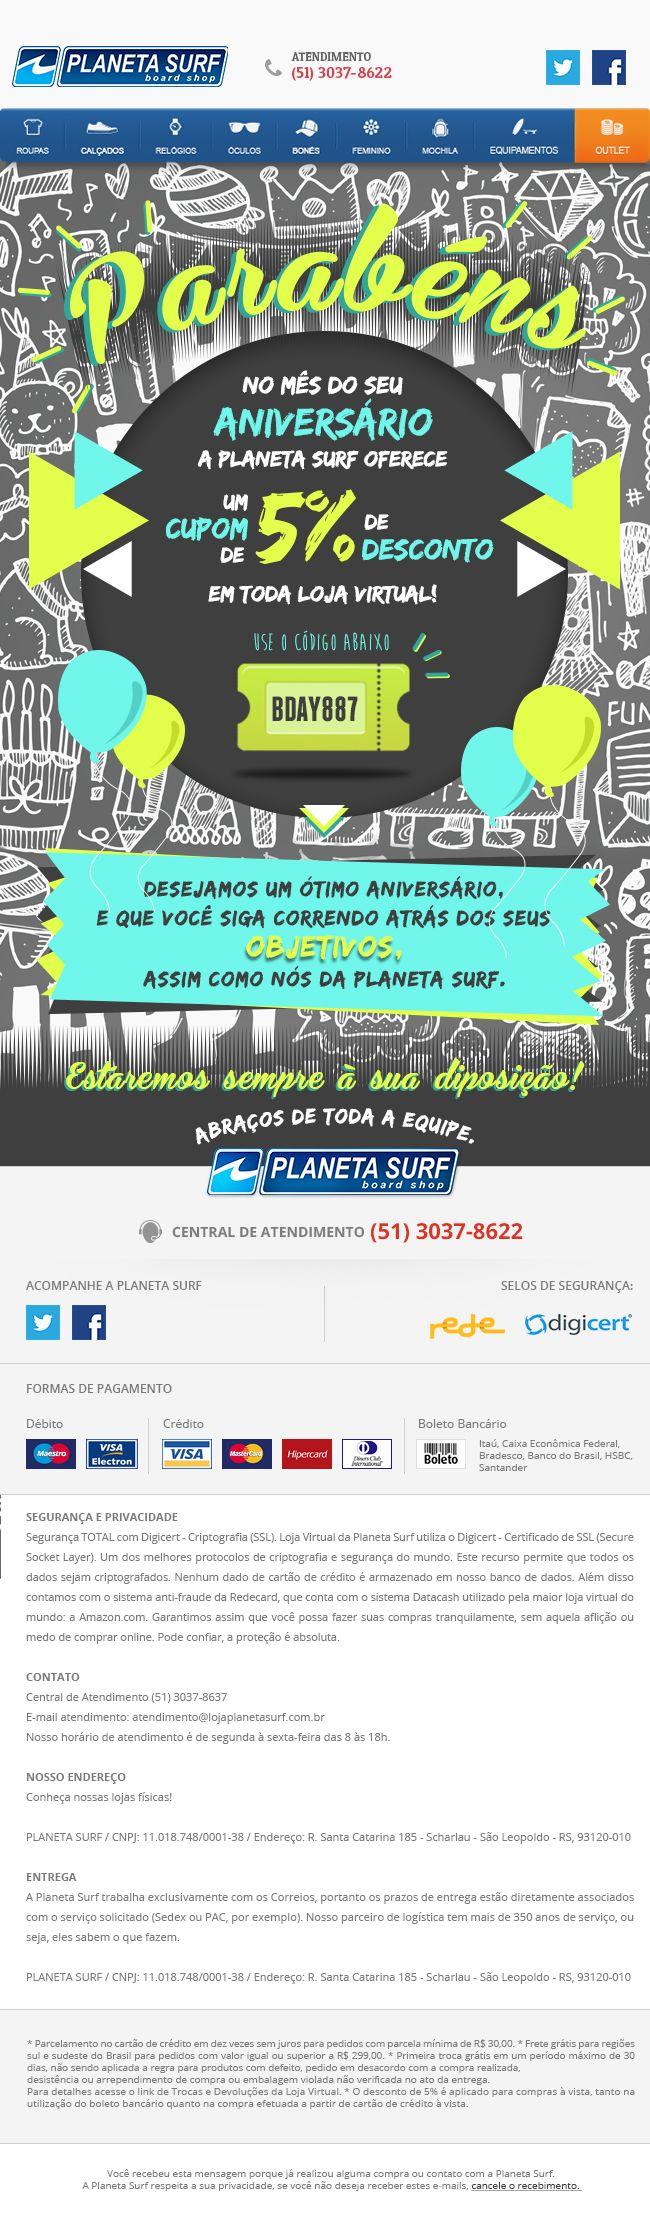 E-mail marketing desenvolvido para as lojas Planeta Surf, enviado aos aniversariantes do mês.  Direção de Arte: ALEXANDRE R. Agência: TRINTO